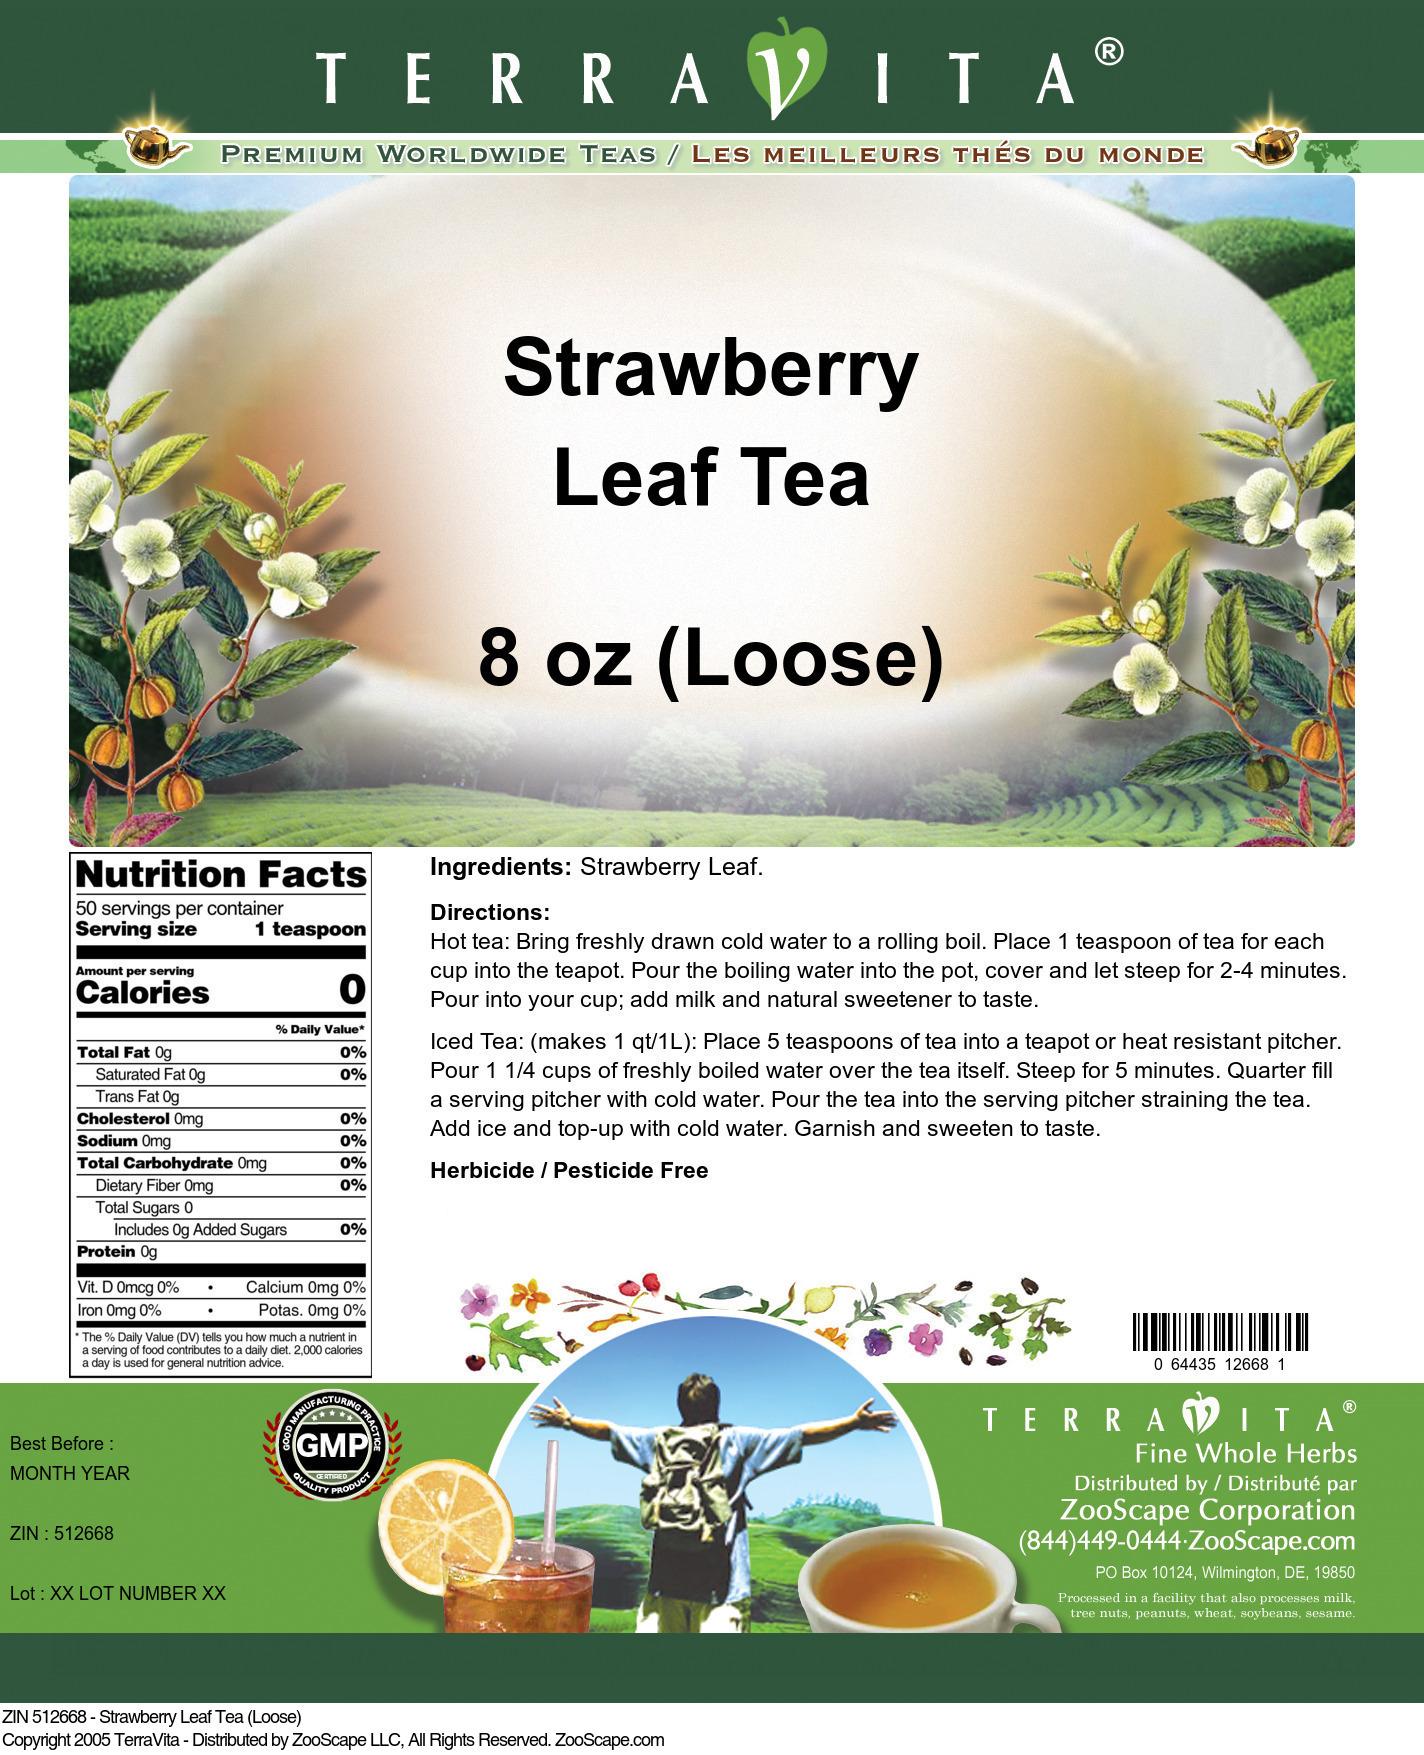 Strawberry Leaf Tea (Loose)